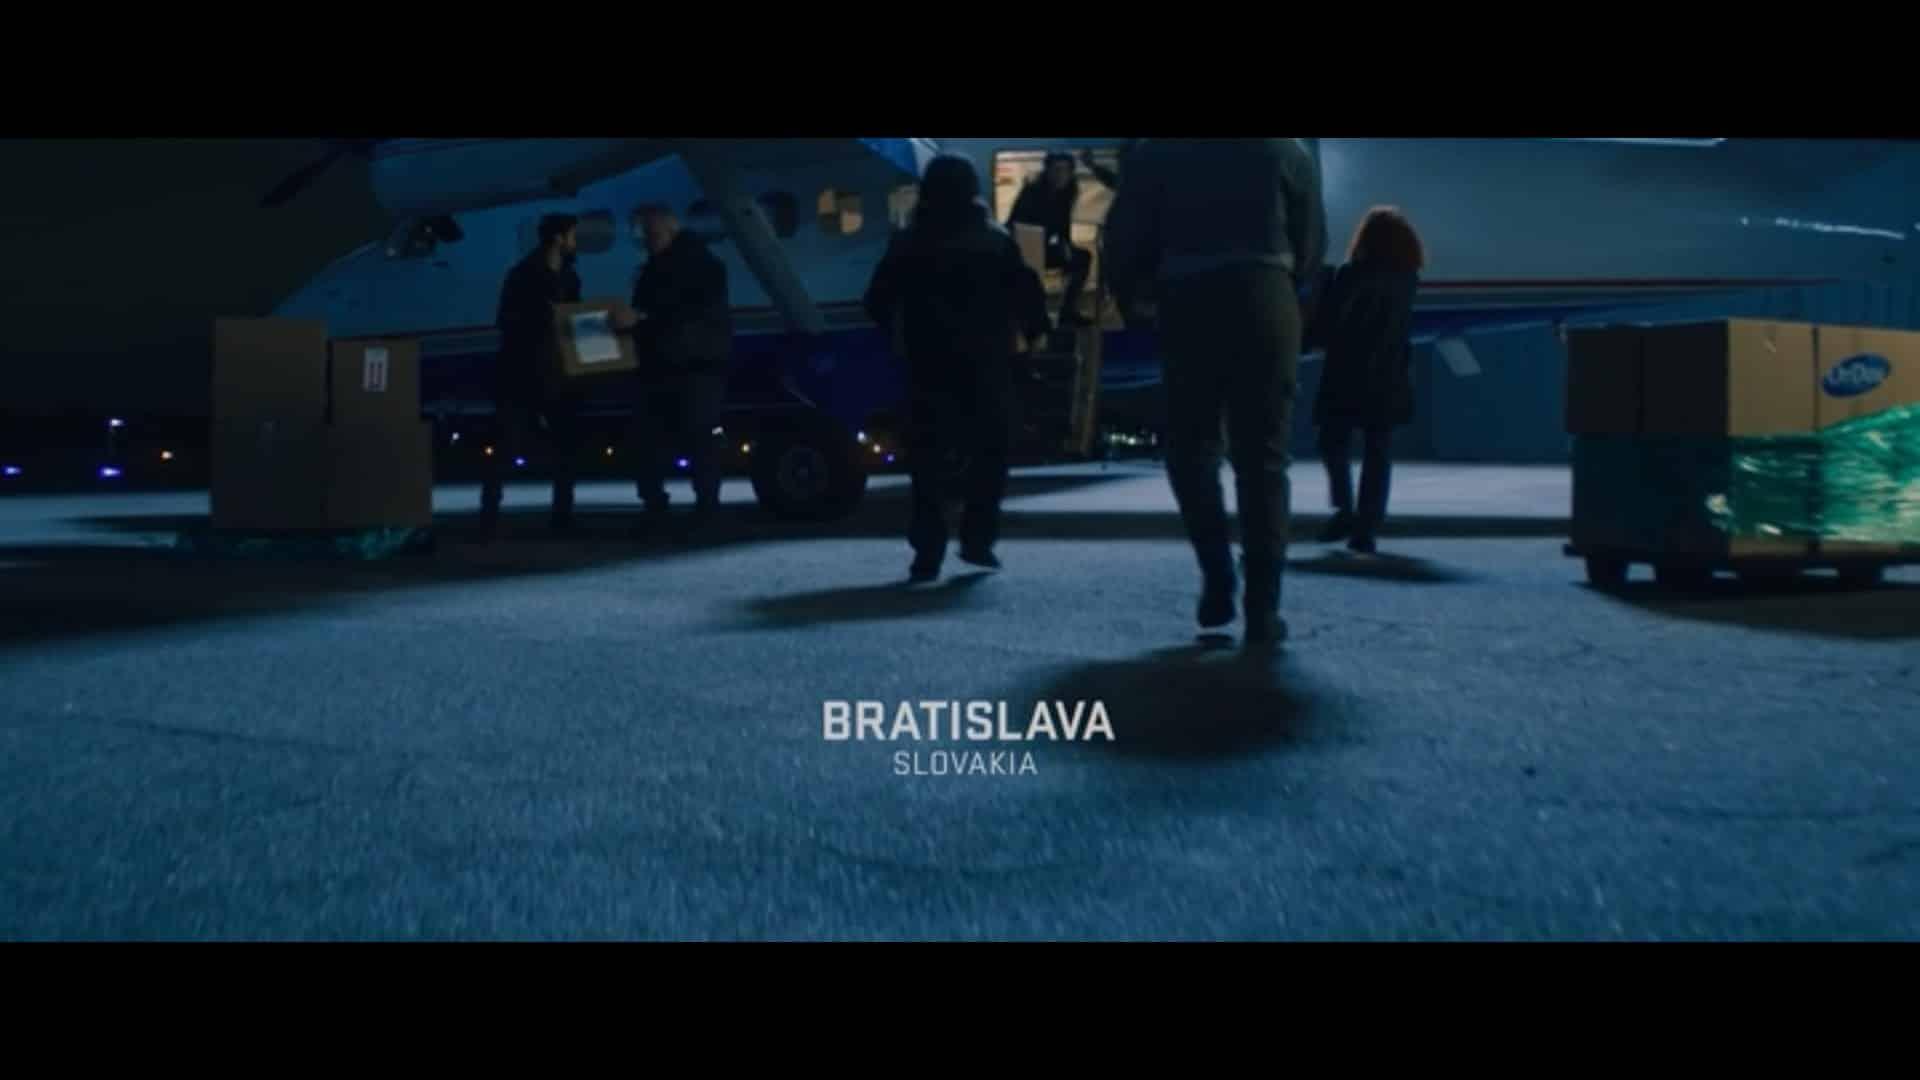 Bratislava The Falcon and the Winter Soldier